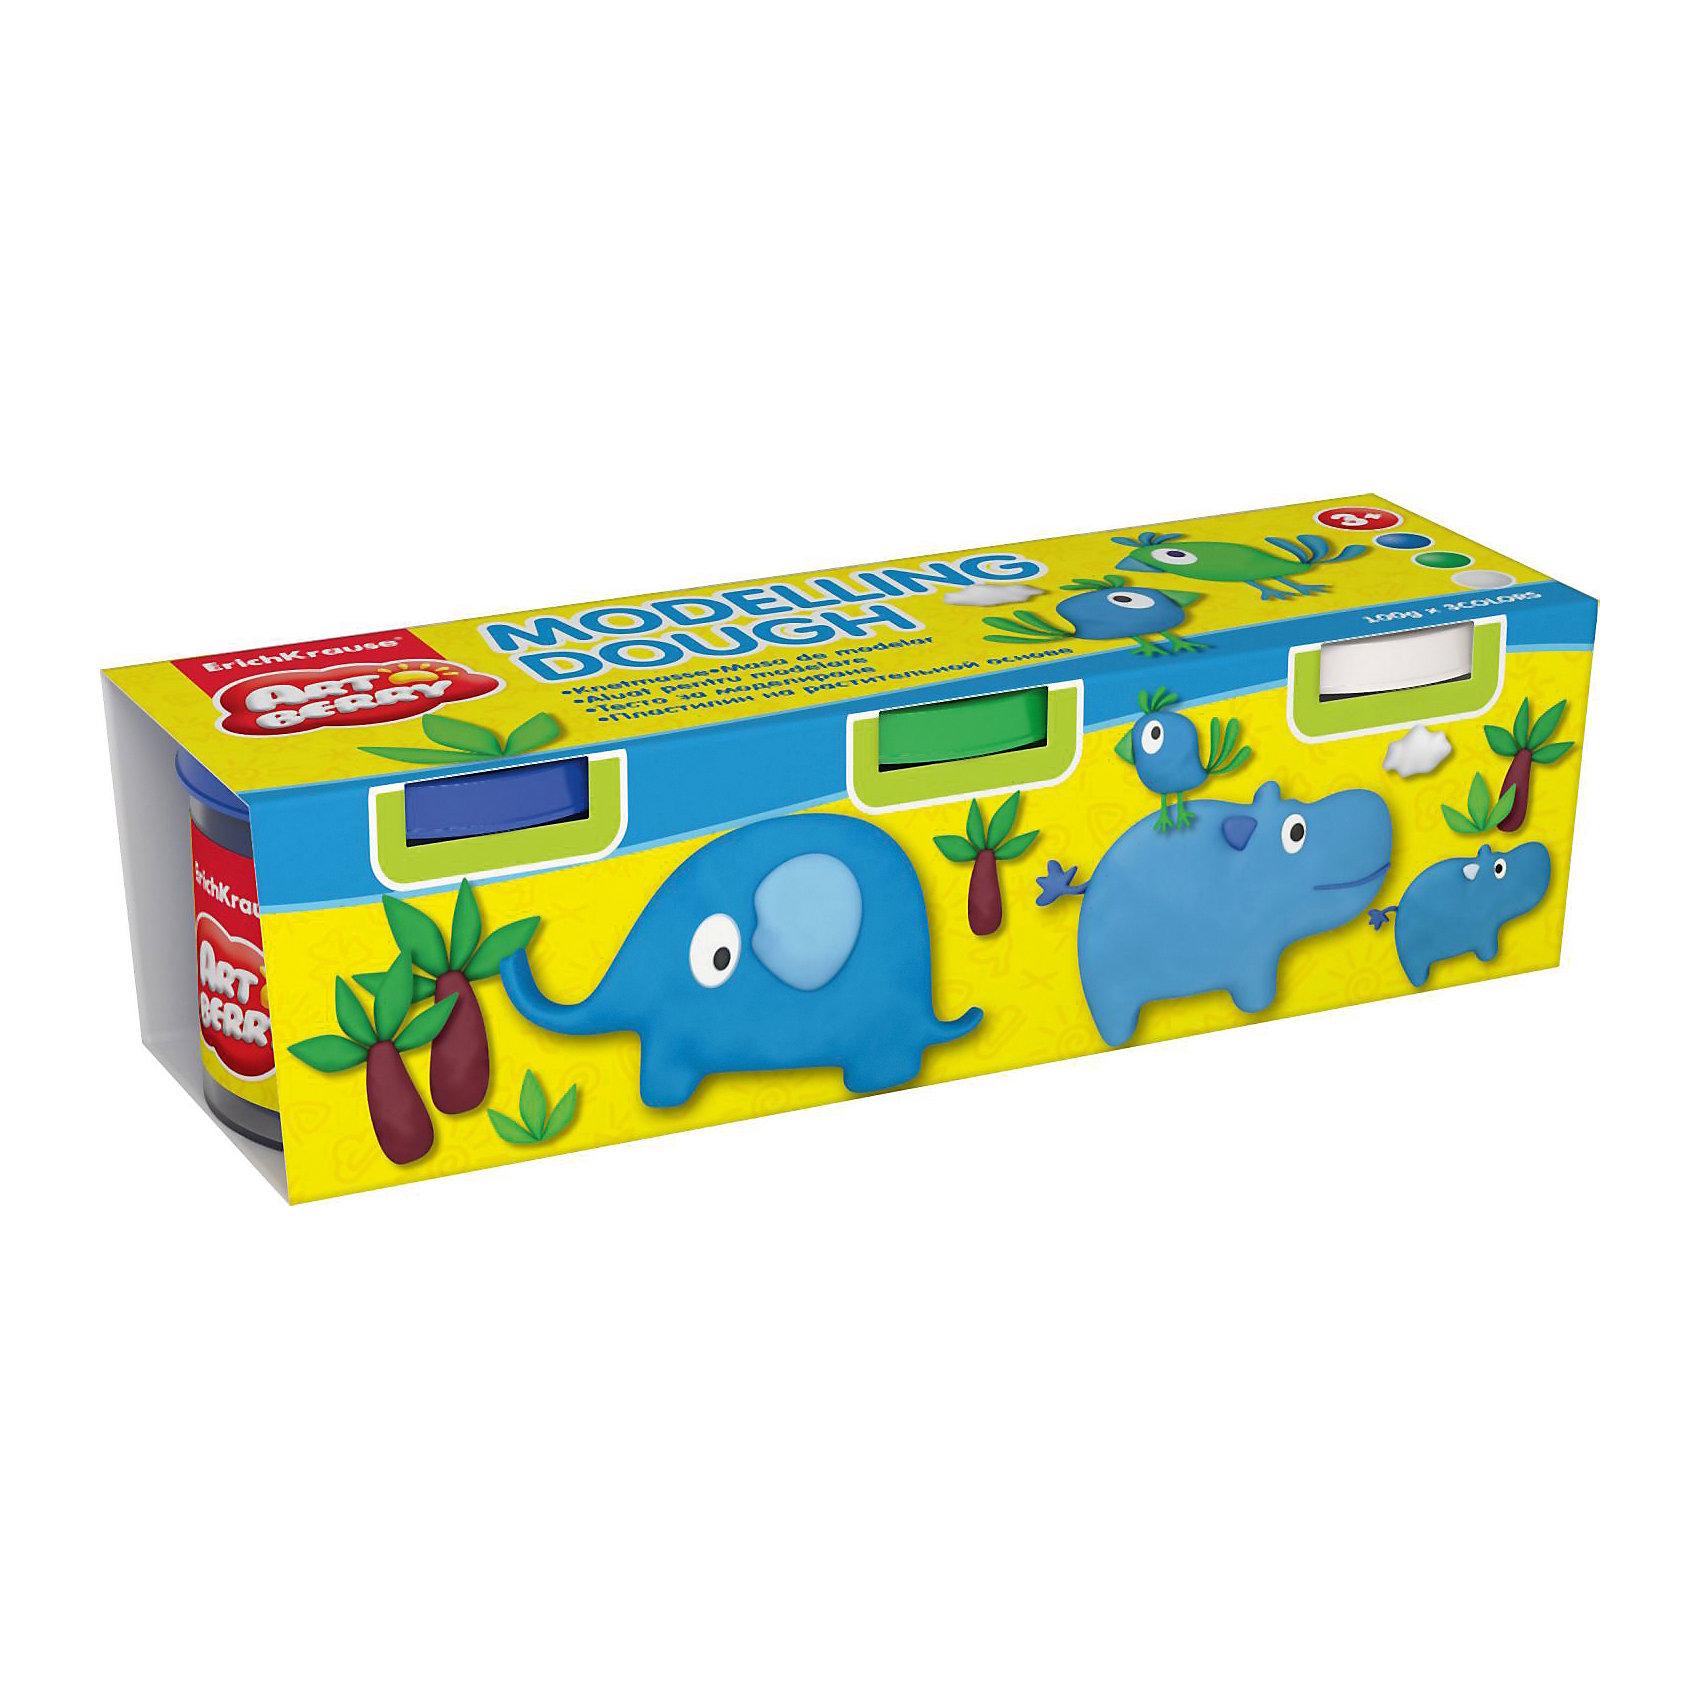 Пластилин на растительной основе Modelling Dough №3, 3 цвета по 100гЛепка<br>Характеристики товара:<br><br>• материал упаковки: картон<br>• в комплект входит: 3 банки по 100 г<br>• возраст: от 3 лет<br>• габариты упаковки: 20х5х6 см<br>• вес: 300 г<br>• страна производитель: Россия<br><br>Натуральная продукция – настоящая находка для детского творчества. Так, пластилин на растительной основе станет любимым материалов для творчества у вашего малыша. Мягкий, приятный для тактильного восприятия, он станет фаворитом среди пластилинов у малыша.<br><br>Пластилин на растительной основе Modelling Dough №3, 3 цвета по 100 г, можно купить в нашем интернет-магазине.<br><br>Ширина мм: 195<br>Глубина мм: 55<br>Высота мм: 57<br>Вес г: 382<br>Возраст от месяцев: 36<br>Возраст до месяцев: 2147483647<br>Пол: Унисекс<br>Возраст: Детский<br>SKU: 5409331